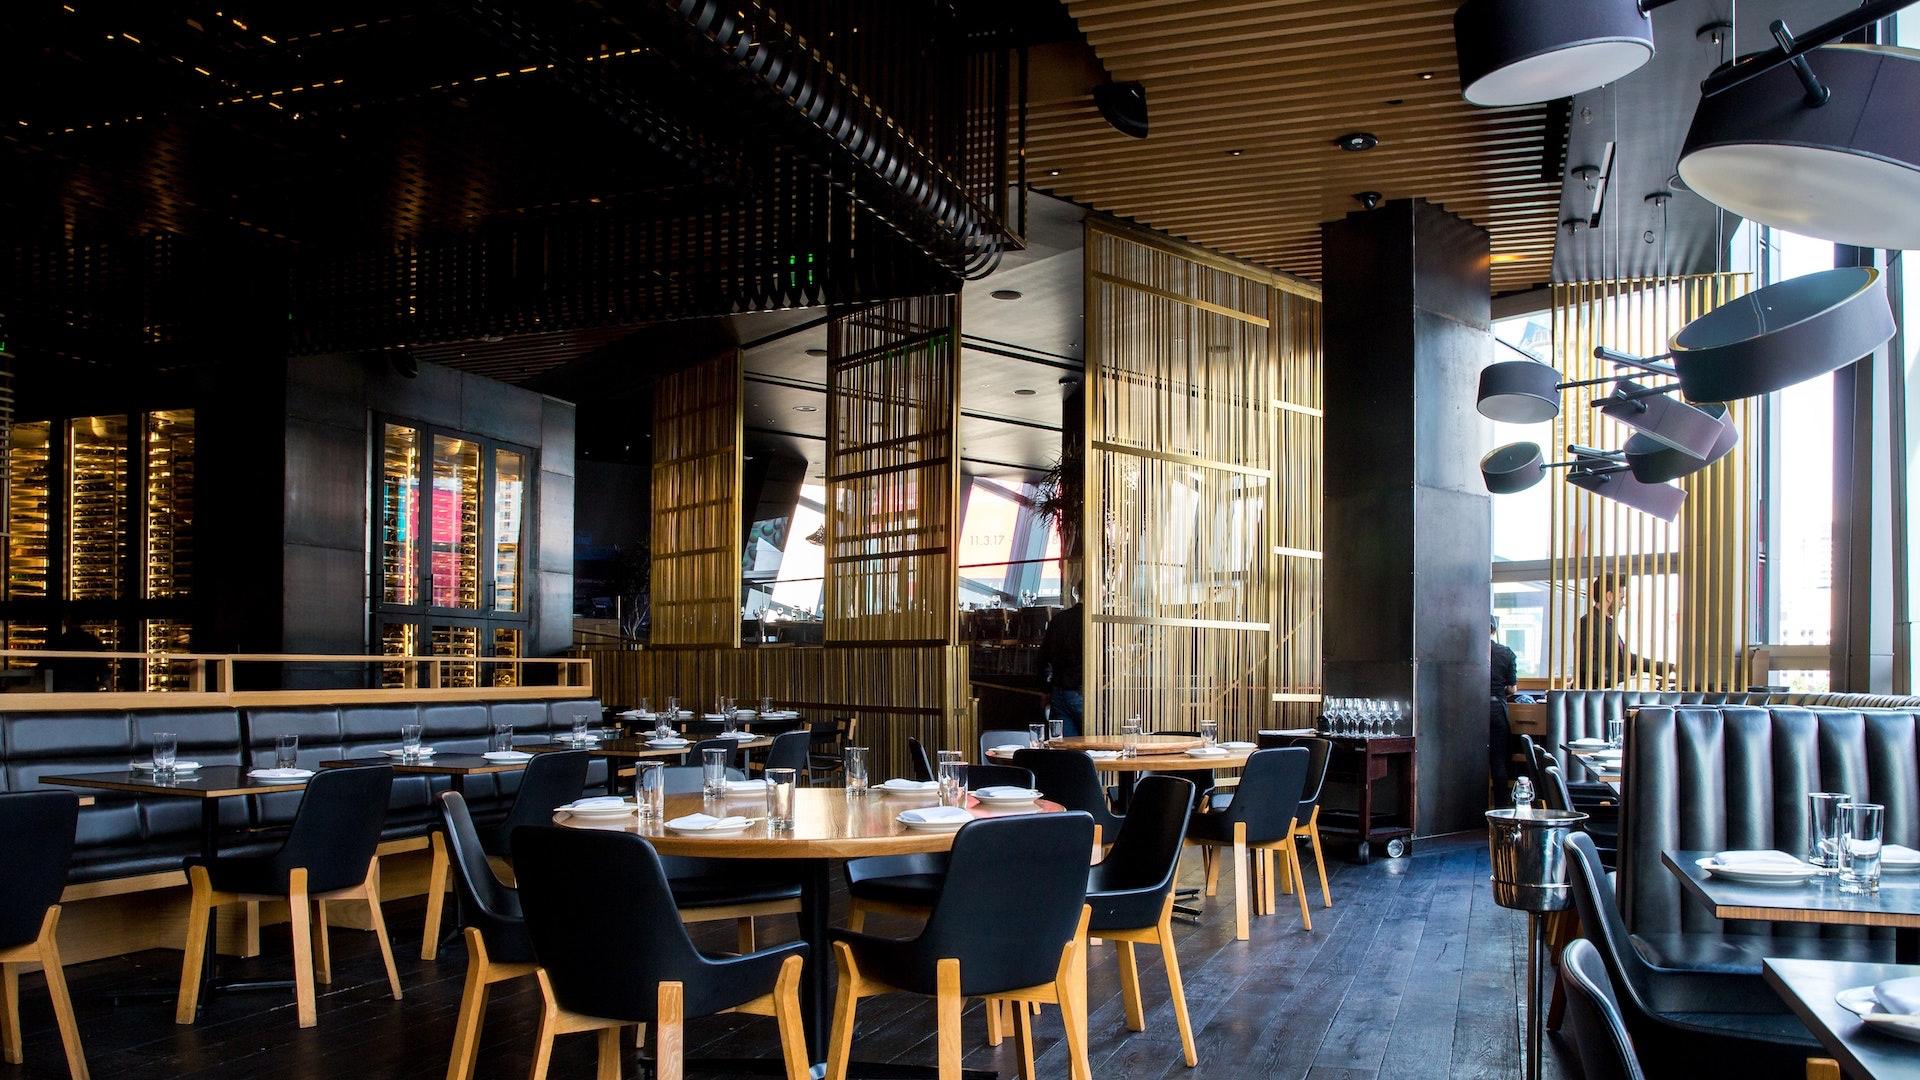 シックな内装のレストランの無料バーチャル背景素材